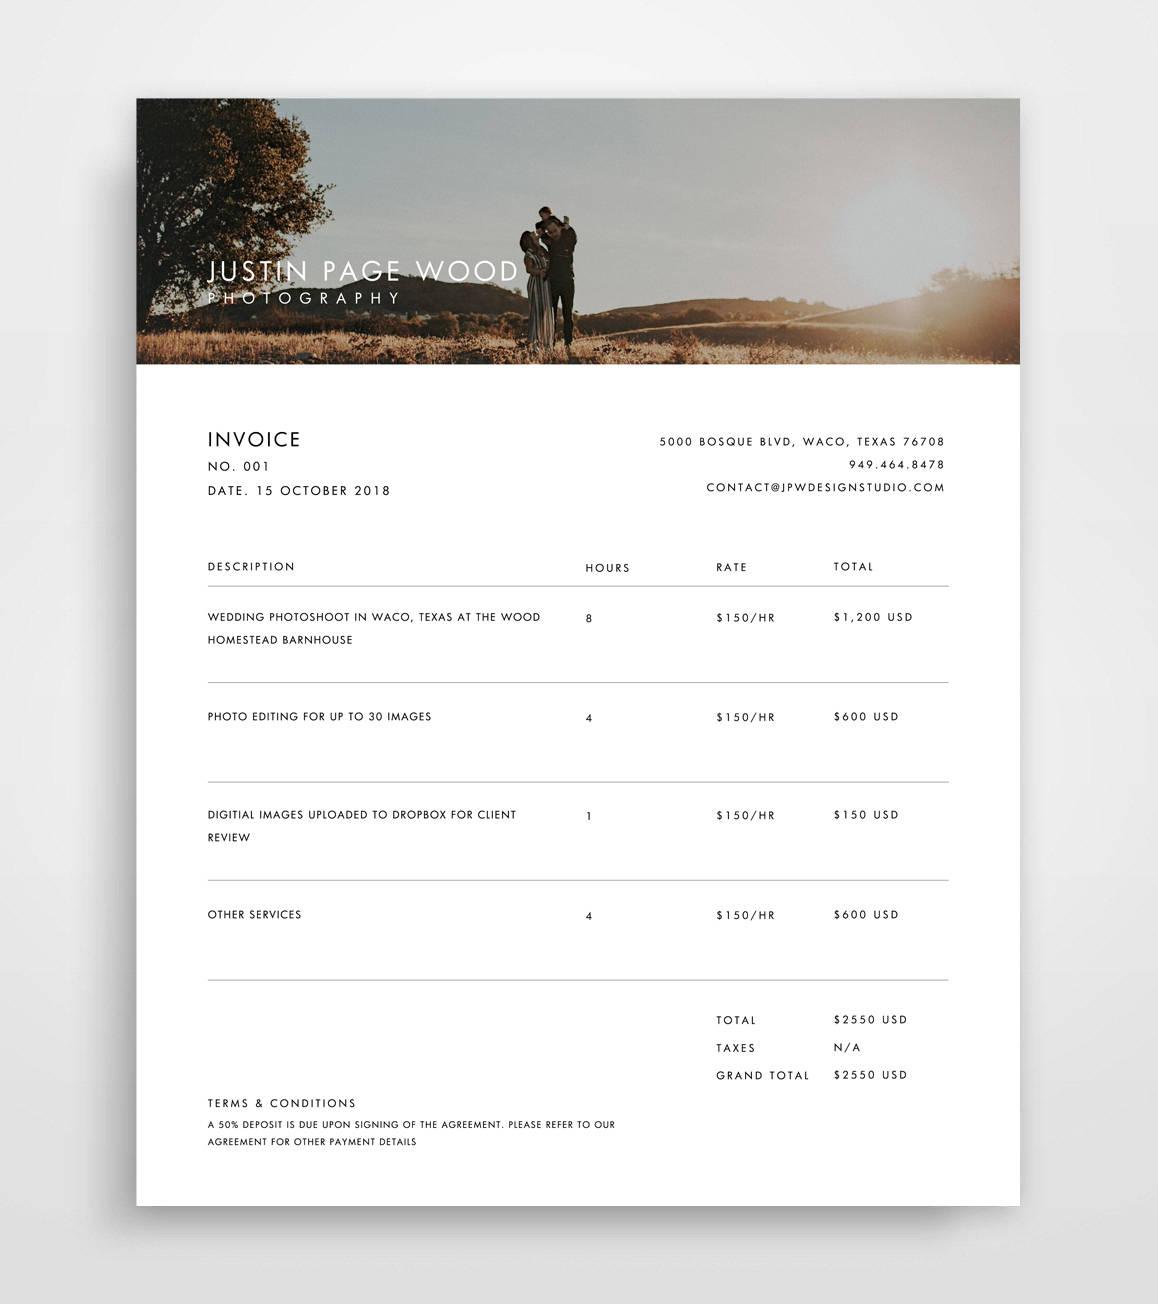 Sample Photography Invoice Photography Invoice Templates To Make